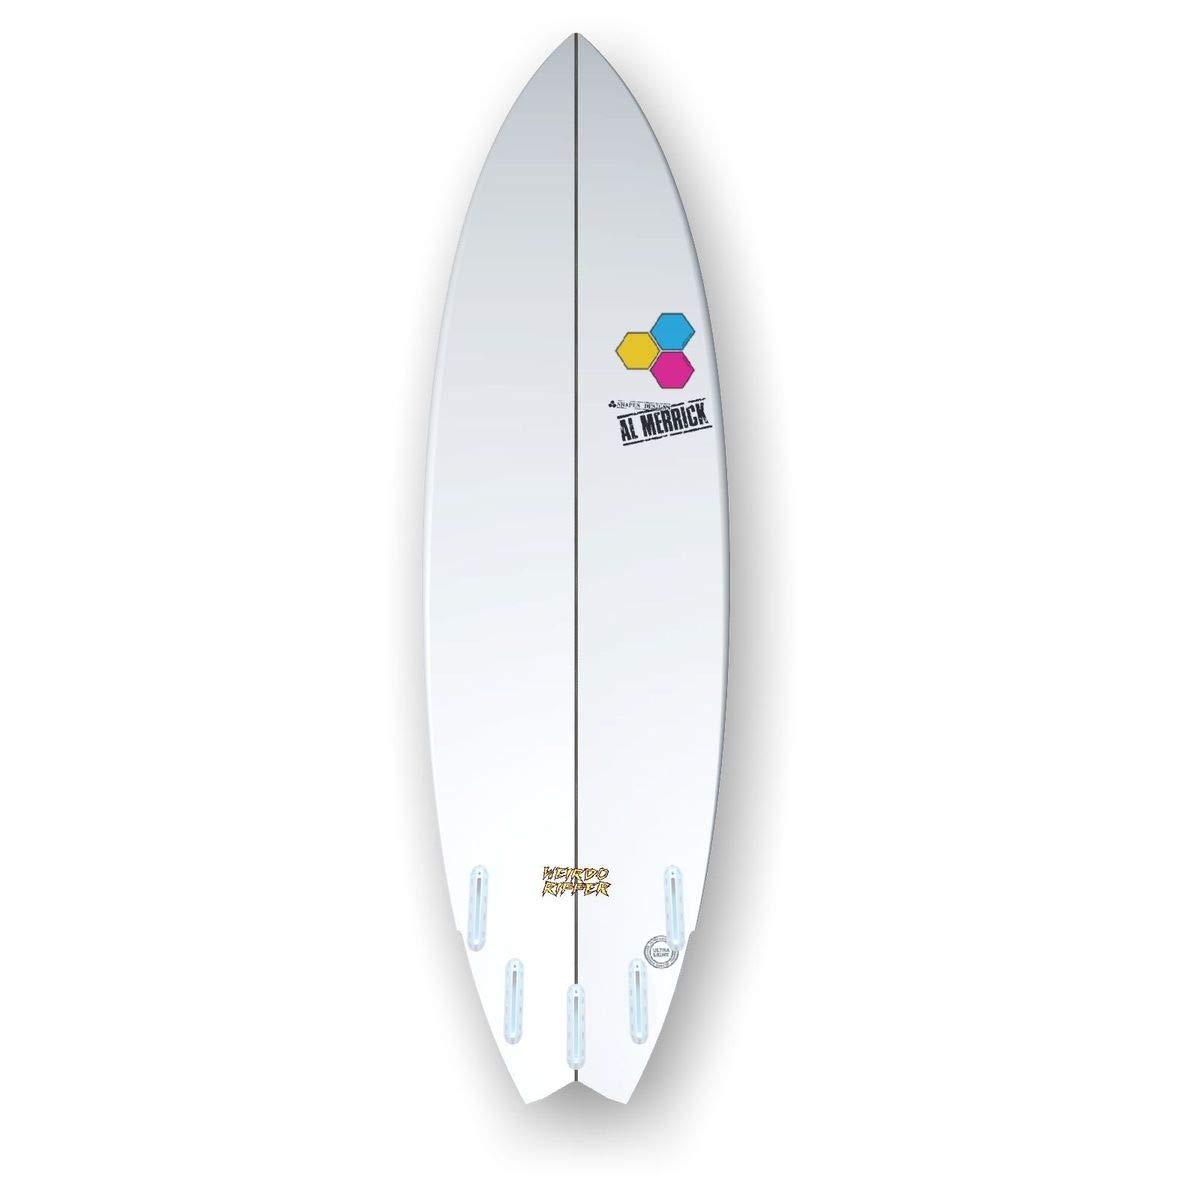 Tabla de surf al Merrick (Islas del canal sintética poliéster Weirdo Ripper 5.8: Amazon.es: Deportes y aire libre